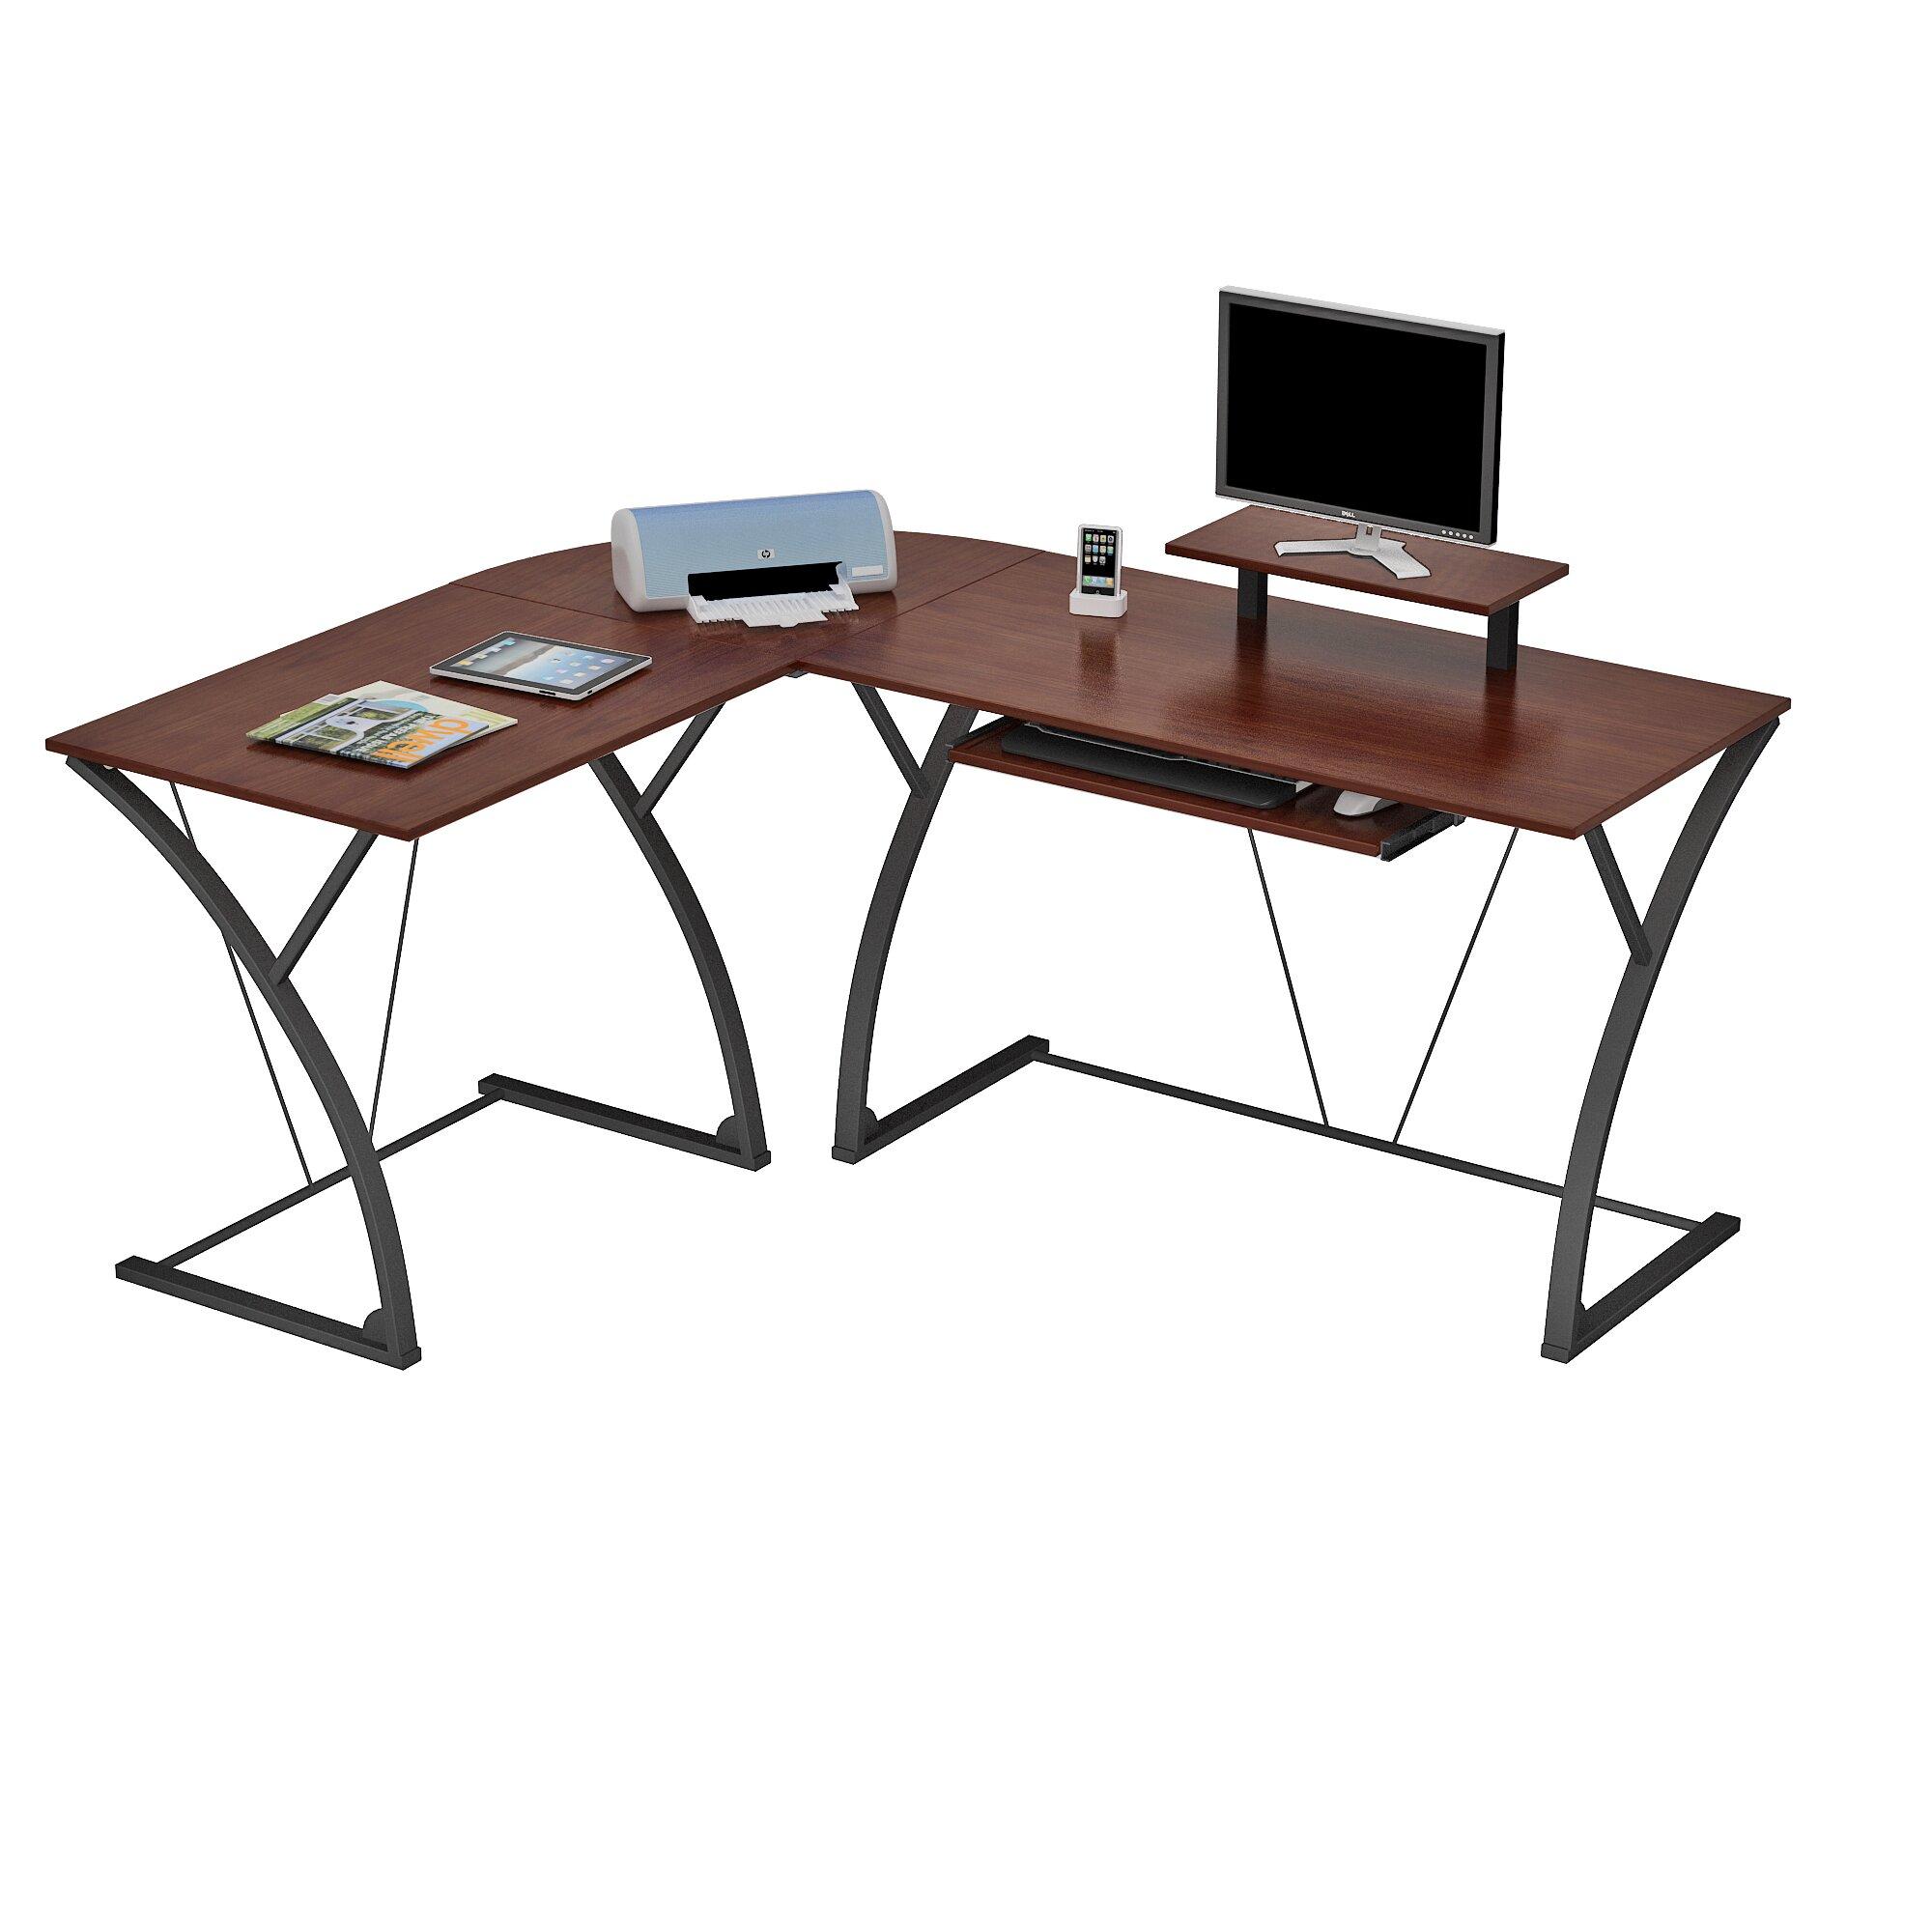 Eurostyle Office Desks Computer Eurostyle Office Desks SKU: ZLD1099